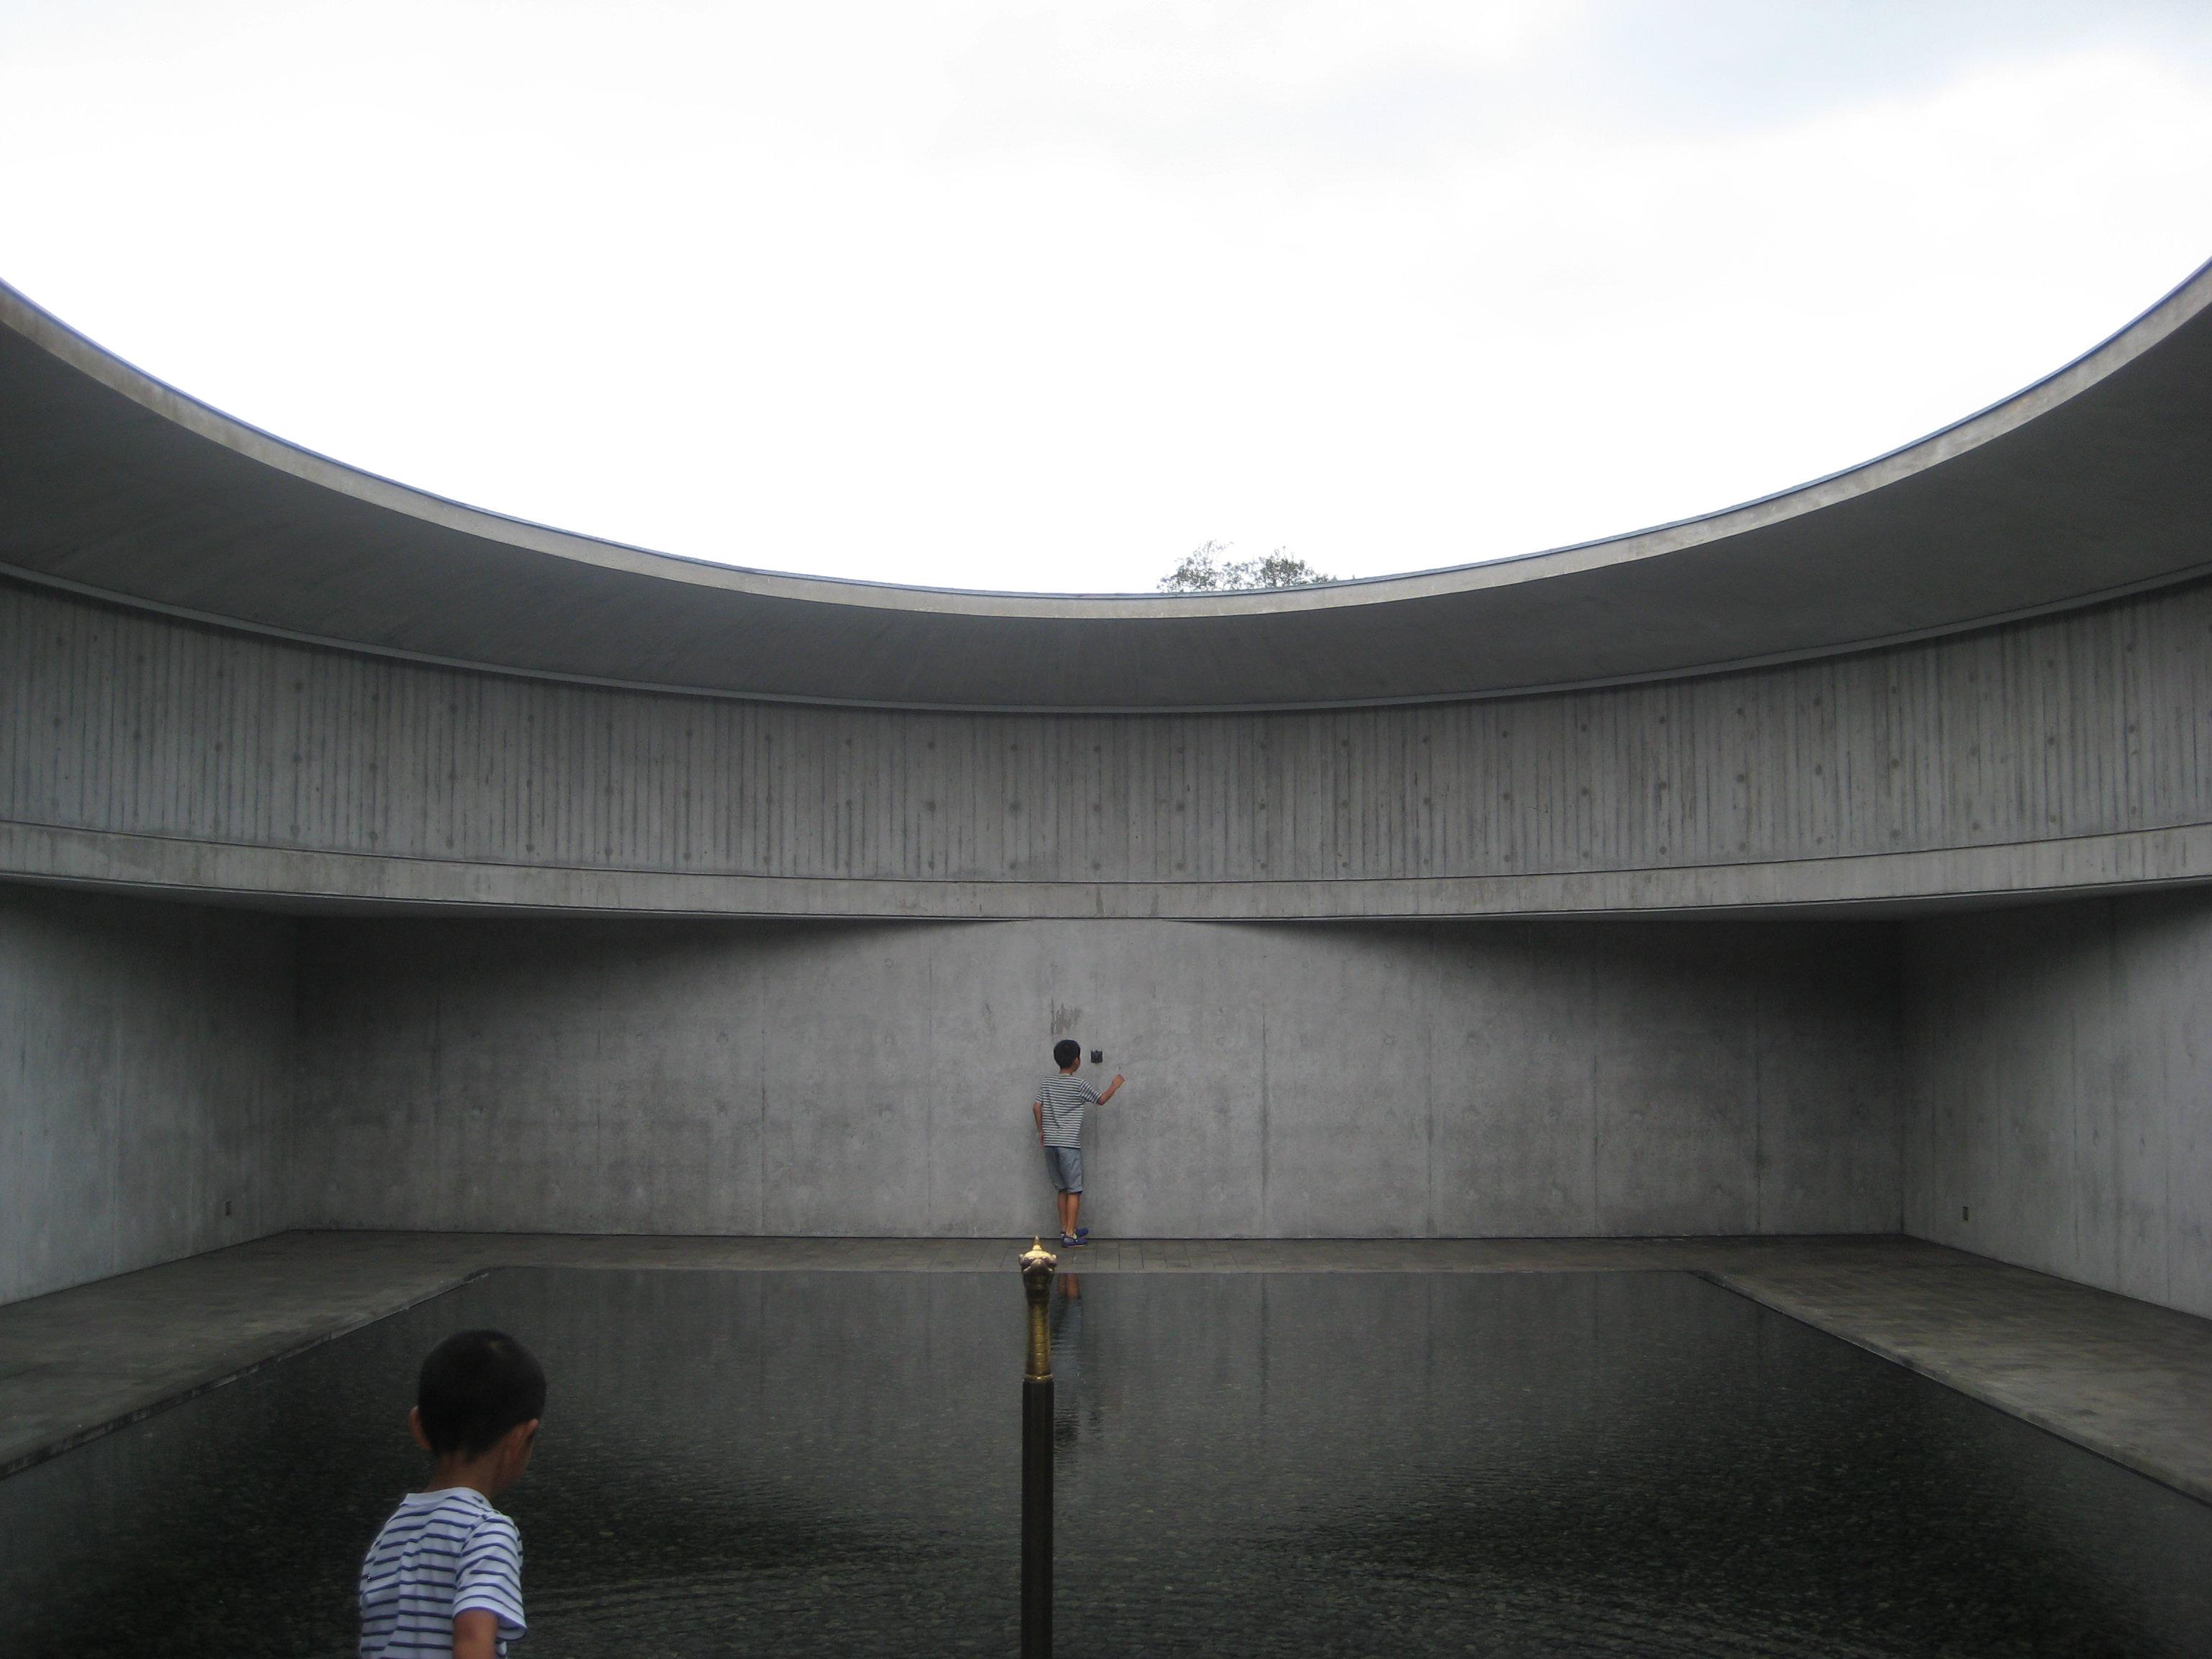 済州島 建築視察5 水の美術館